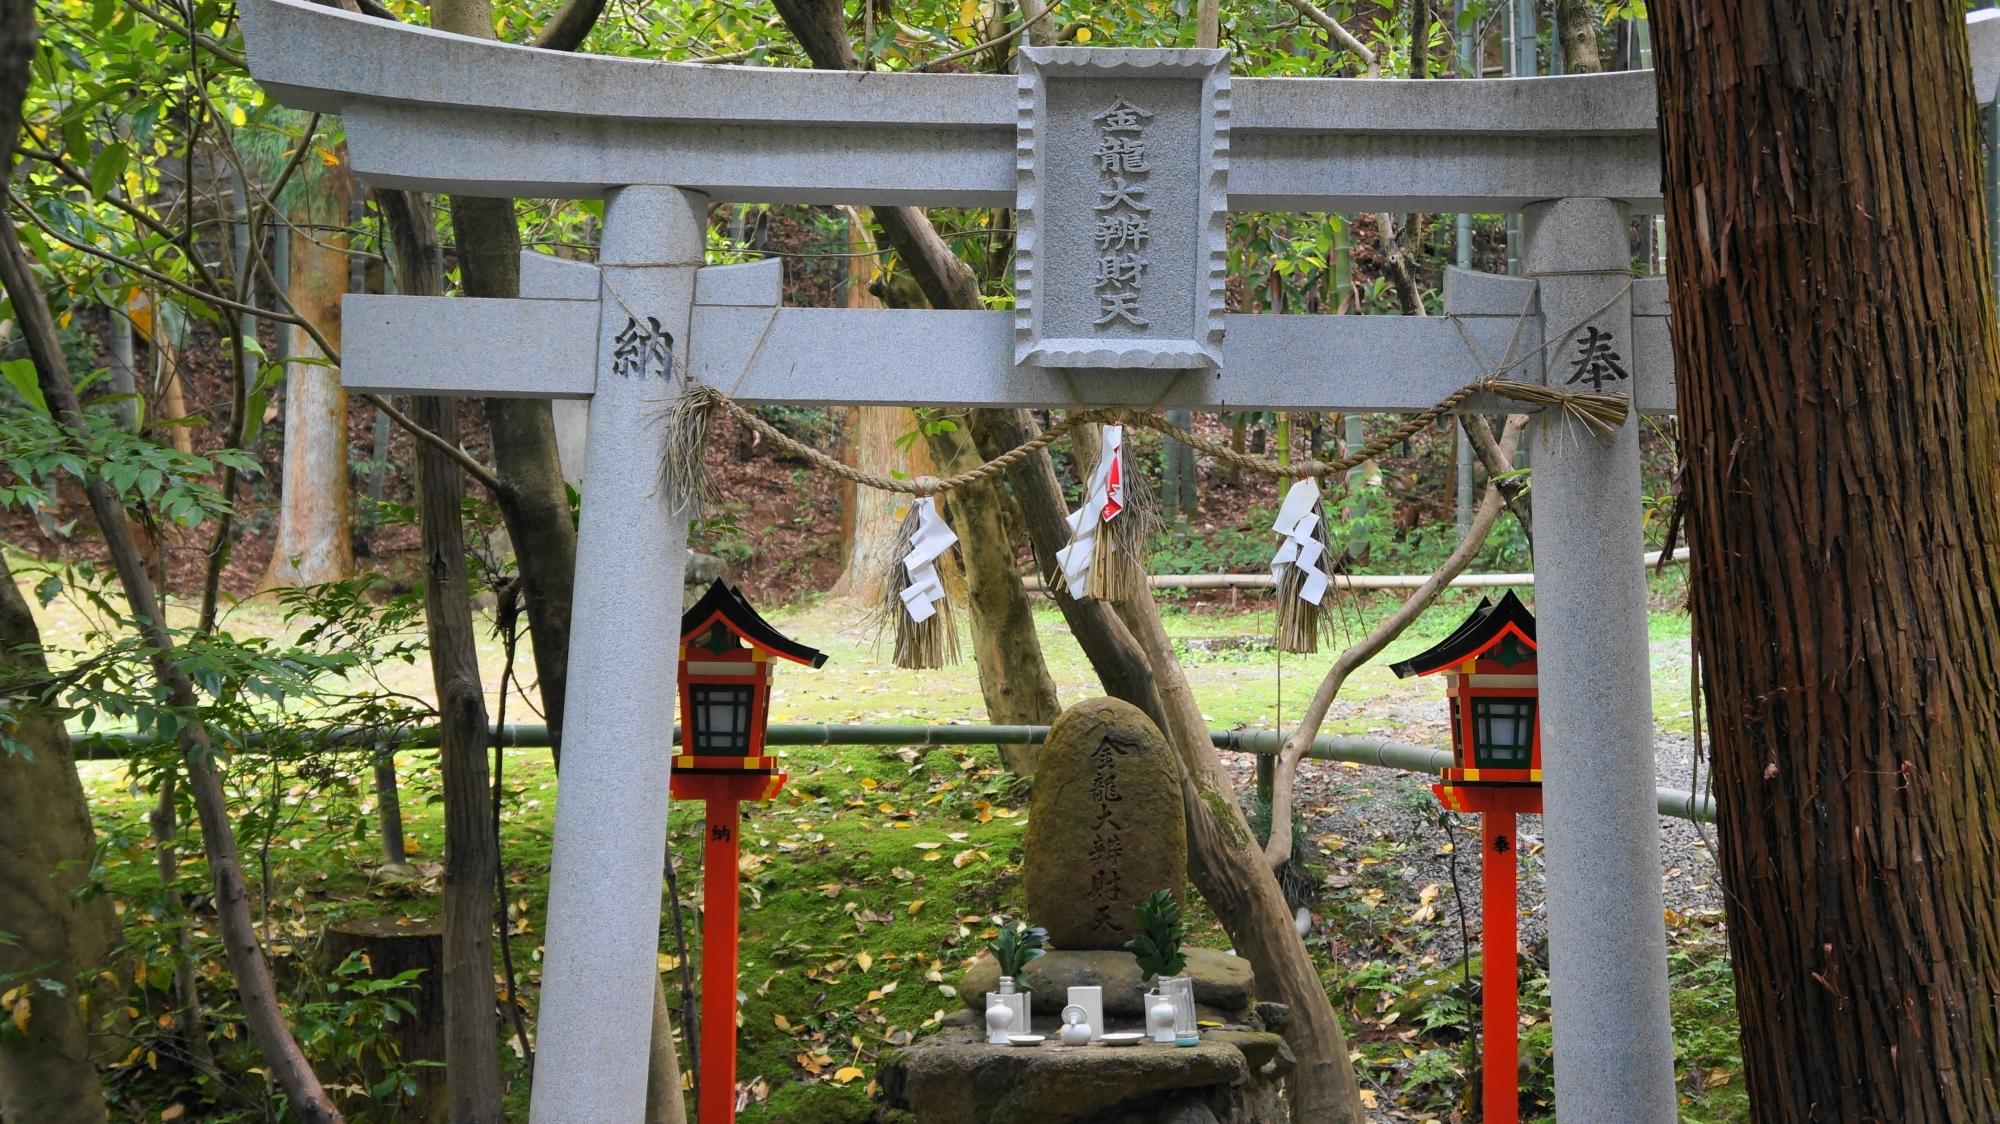 泉涌寺塔頭の今熊野観音寺の末社